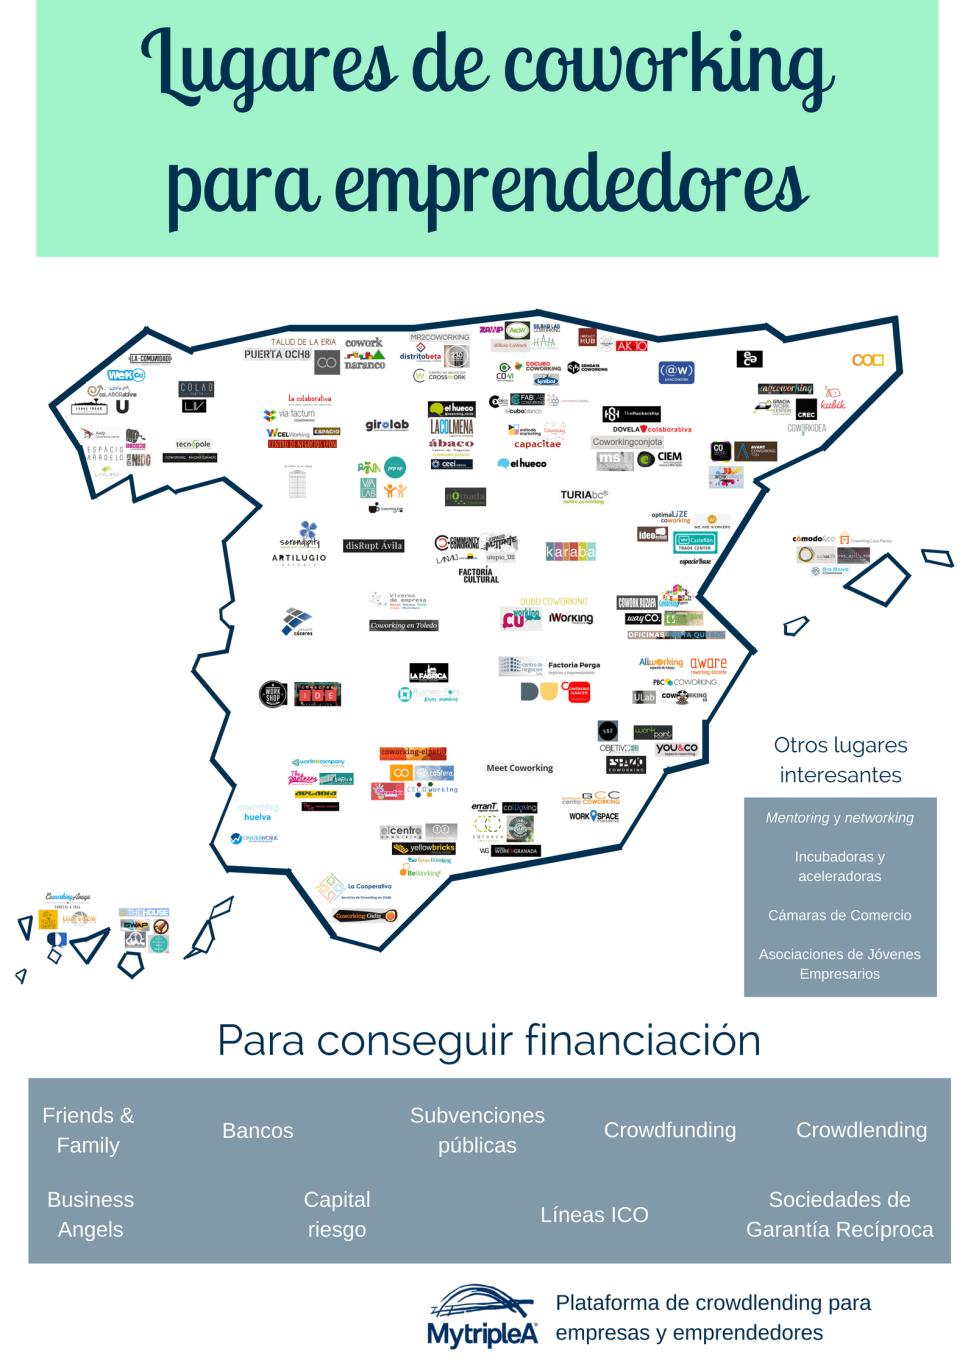 Mapa del coworking en España